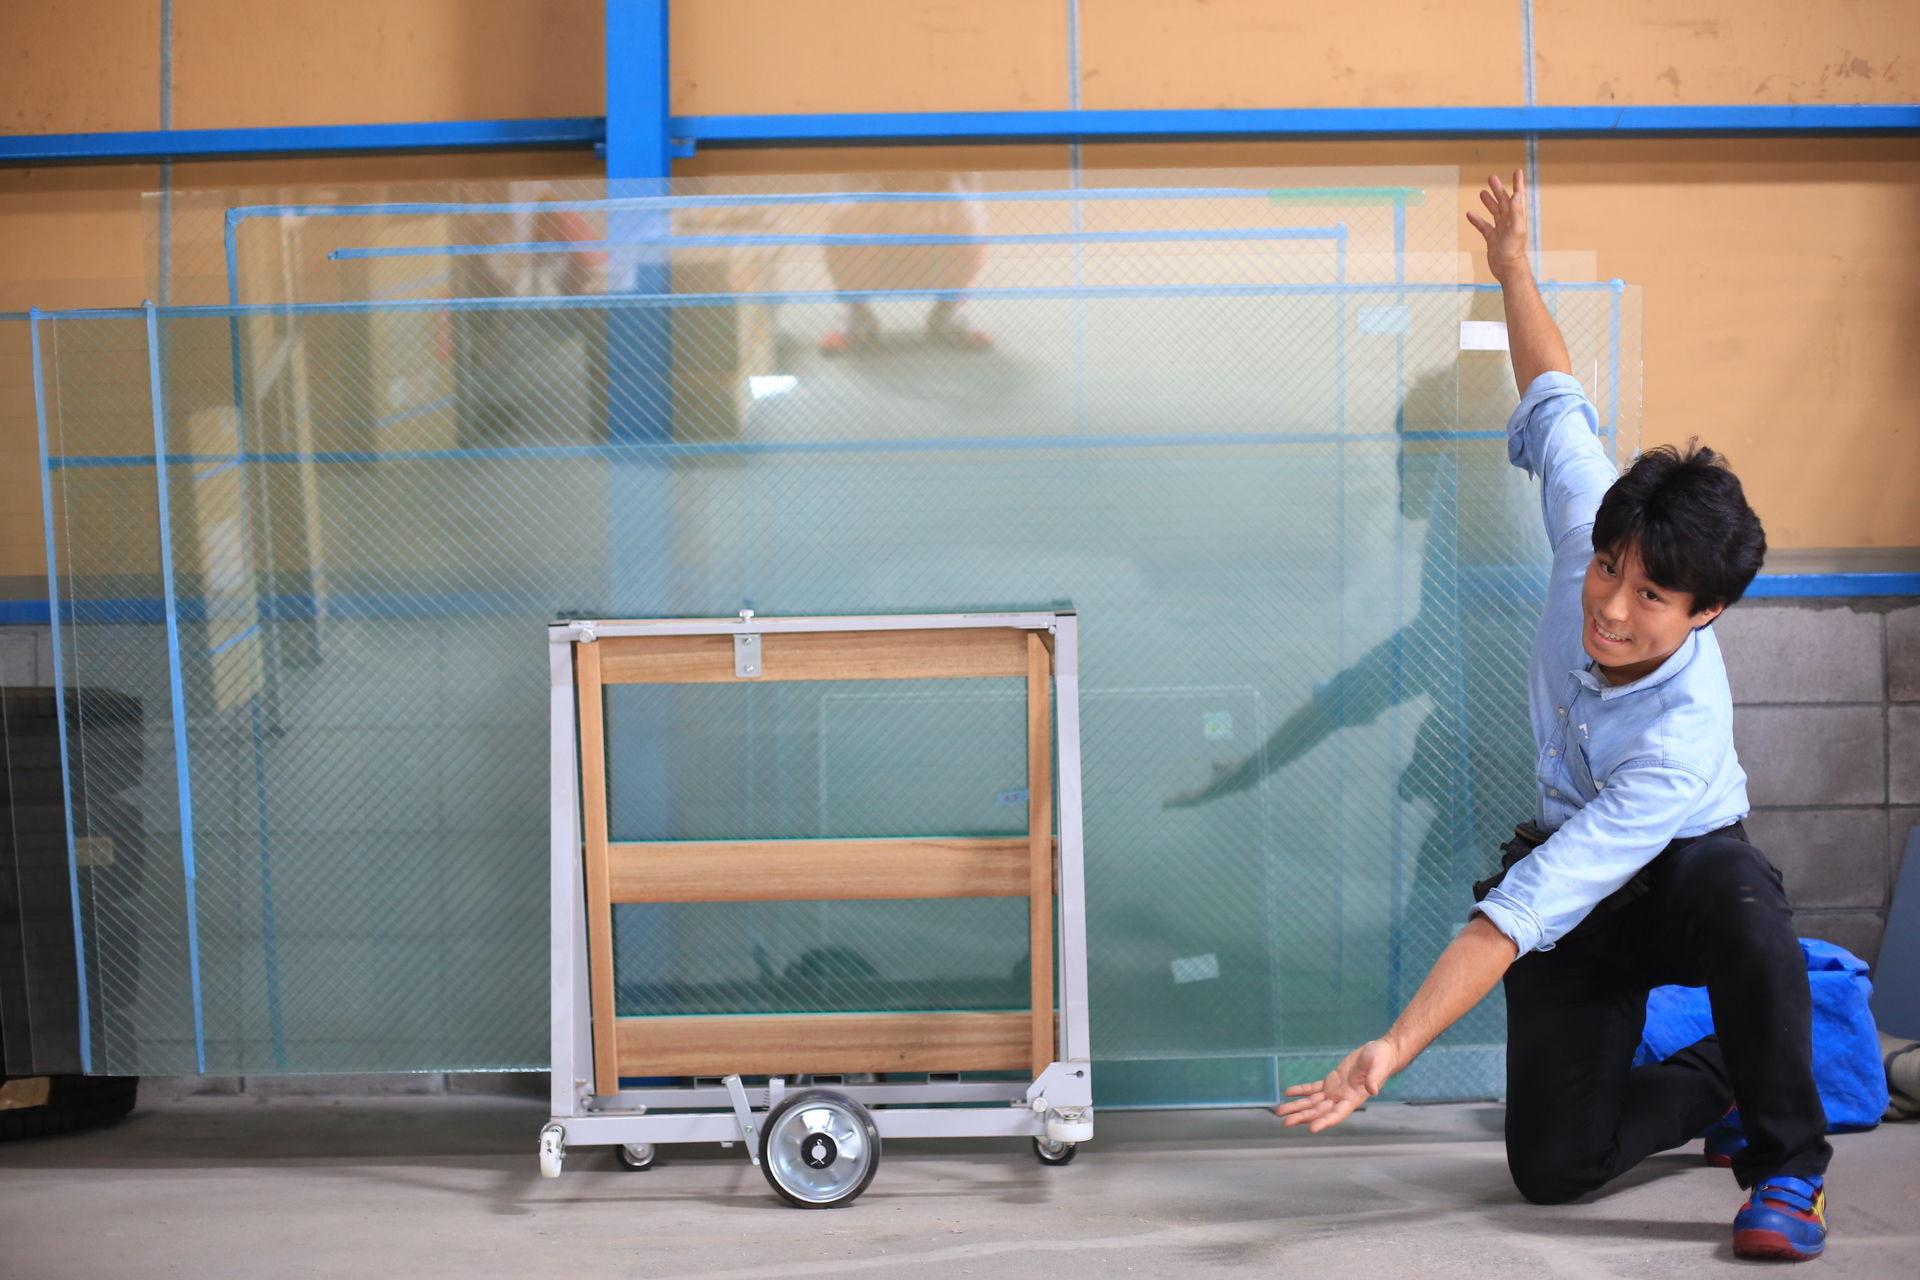 ガラスのトラブル救Q隊.24【さいたま市桜区 出張エリア】の店内・外観画像1